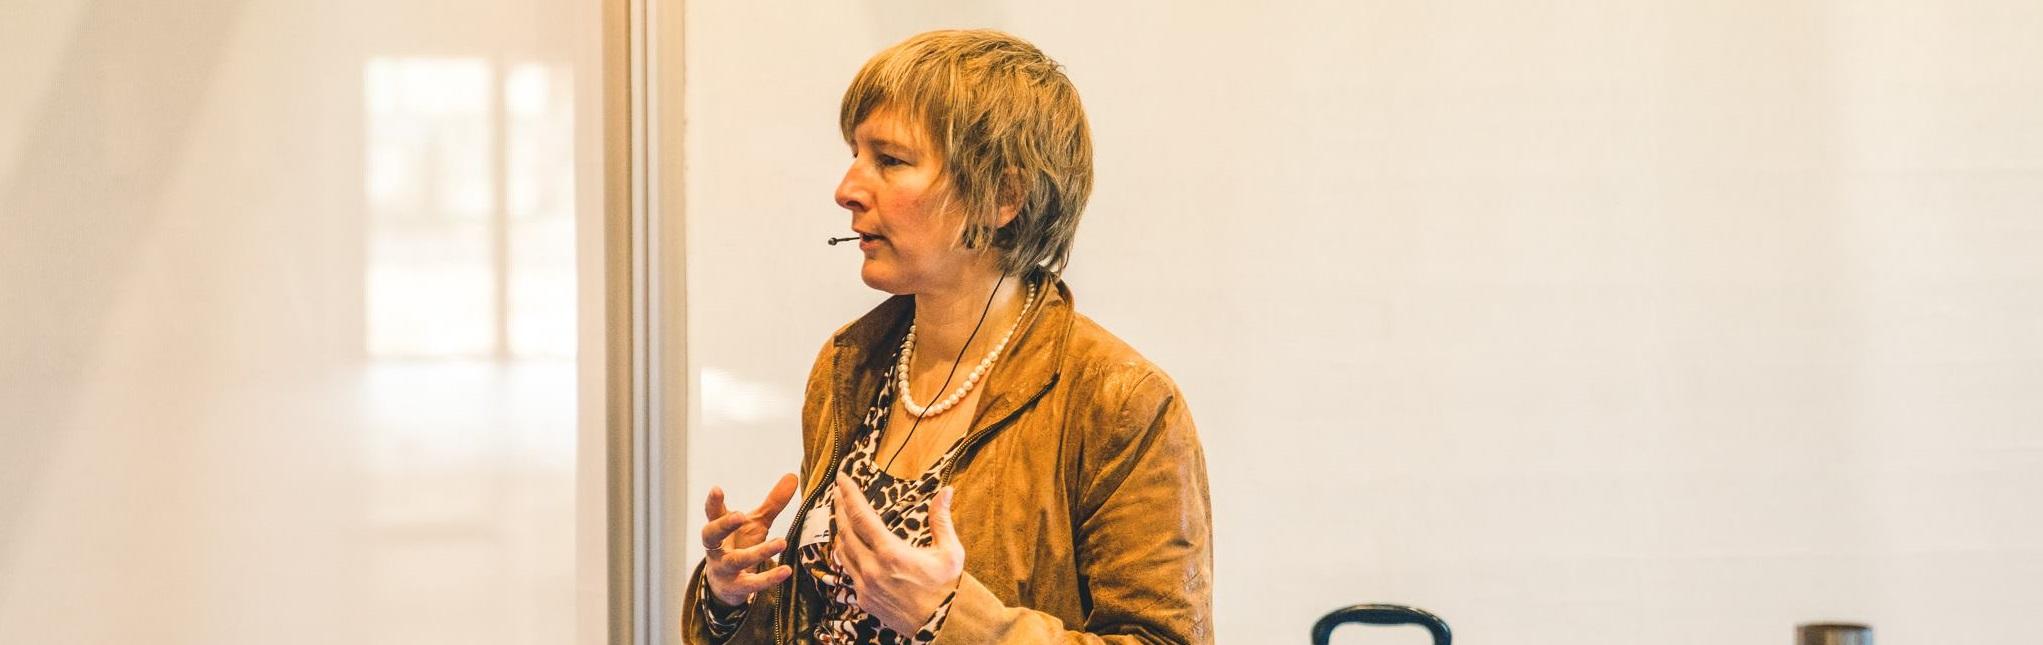 Presenteren met impact zonder stress Inge Ketels Bureau Stroom tijdens lezing Jobat Career Launch